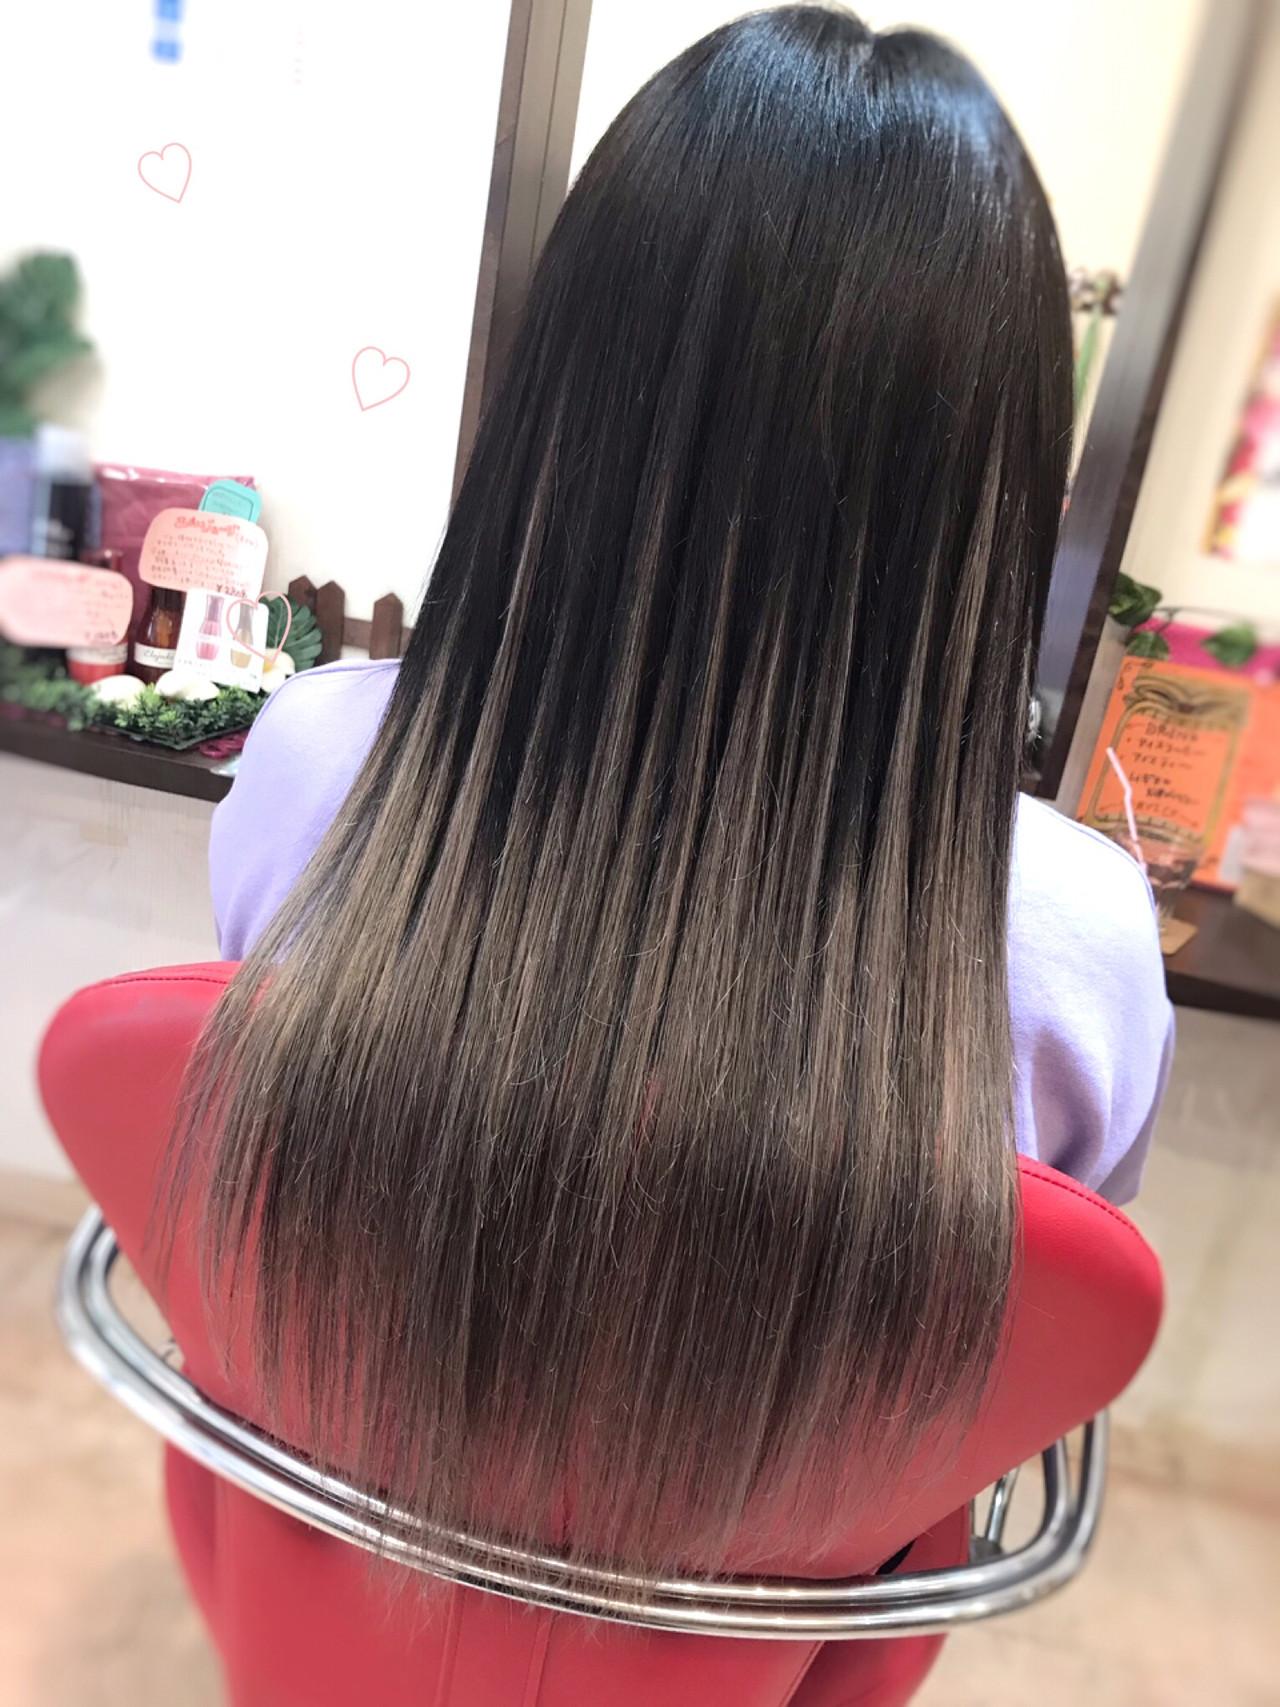 外国人風 ロング ナチュラル 黒髪 ヘアスタイルや髪型の写真・画像 | リズム / エクステンションリズム北千住店